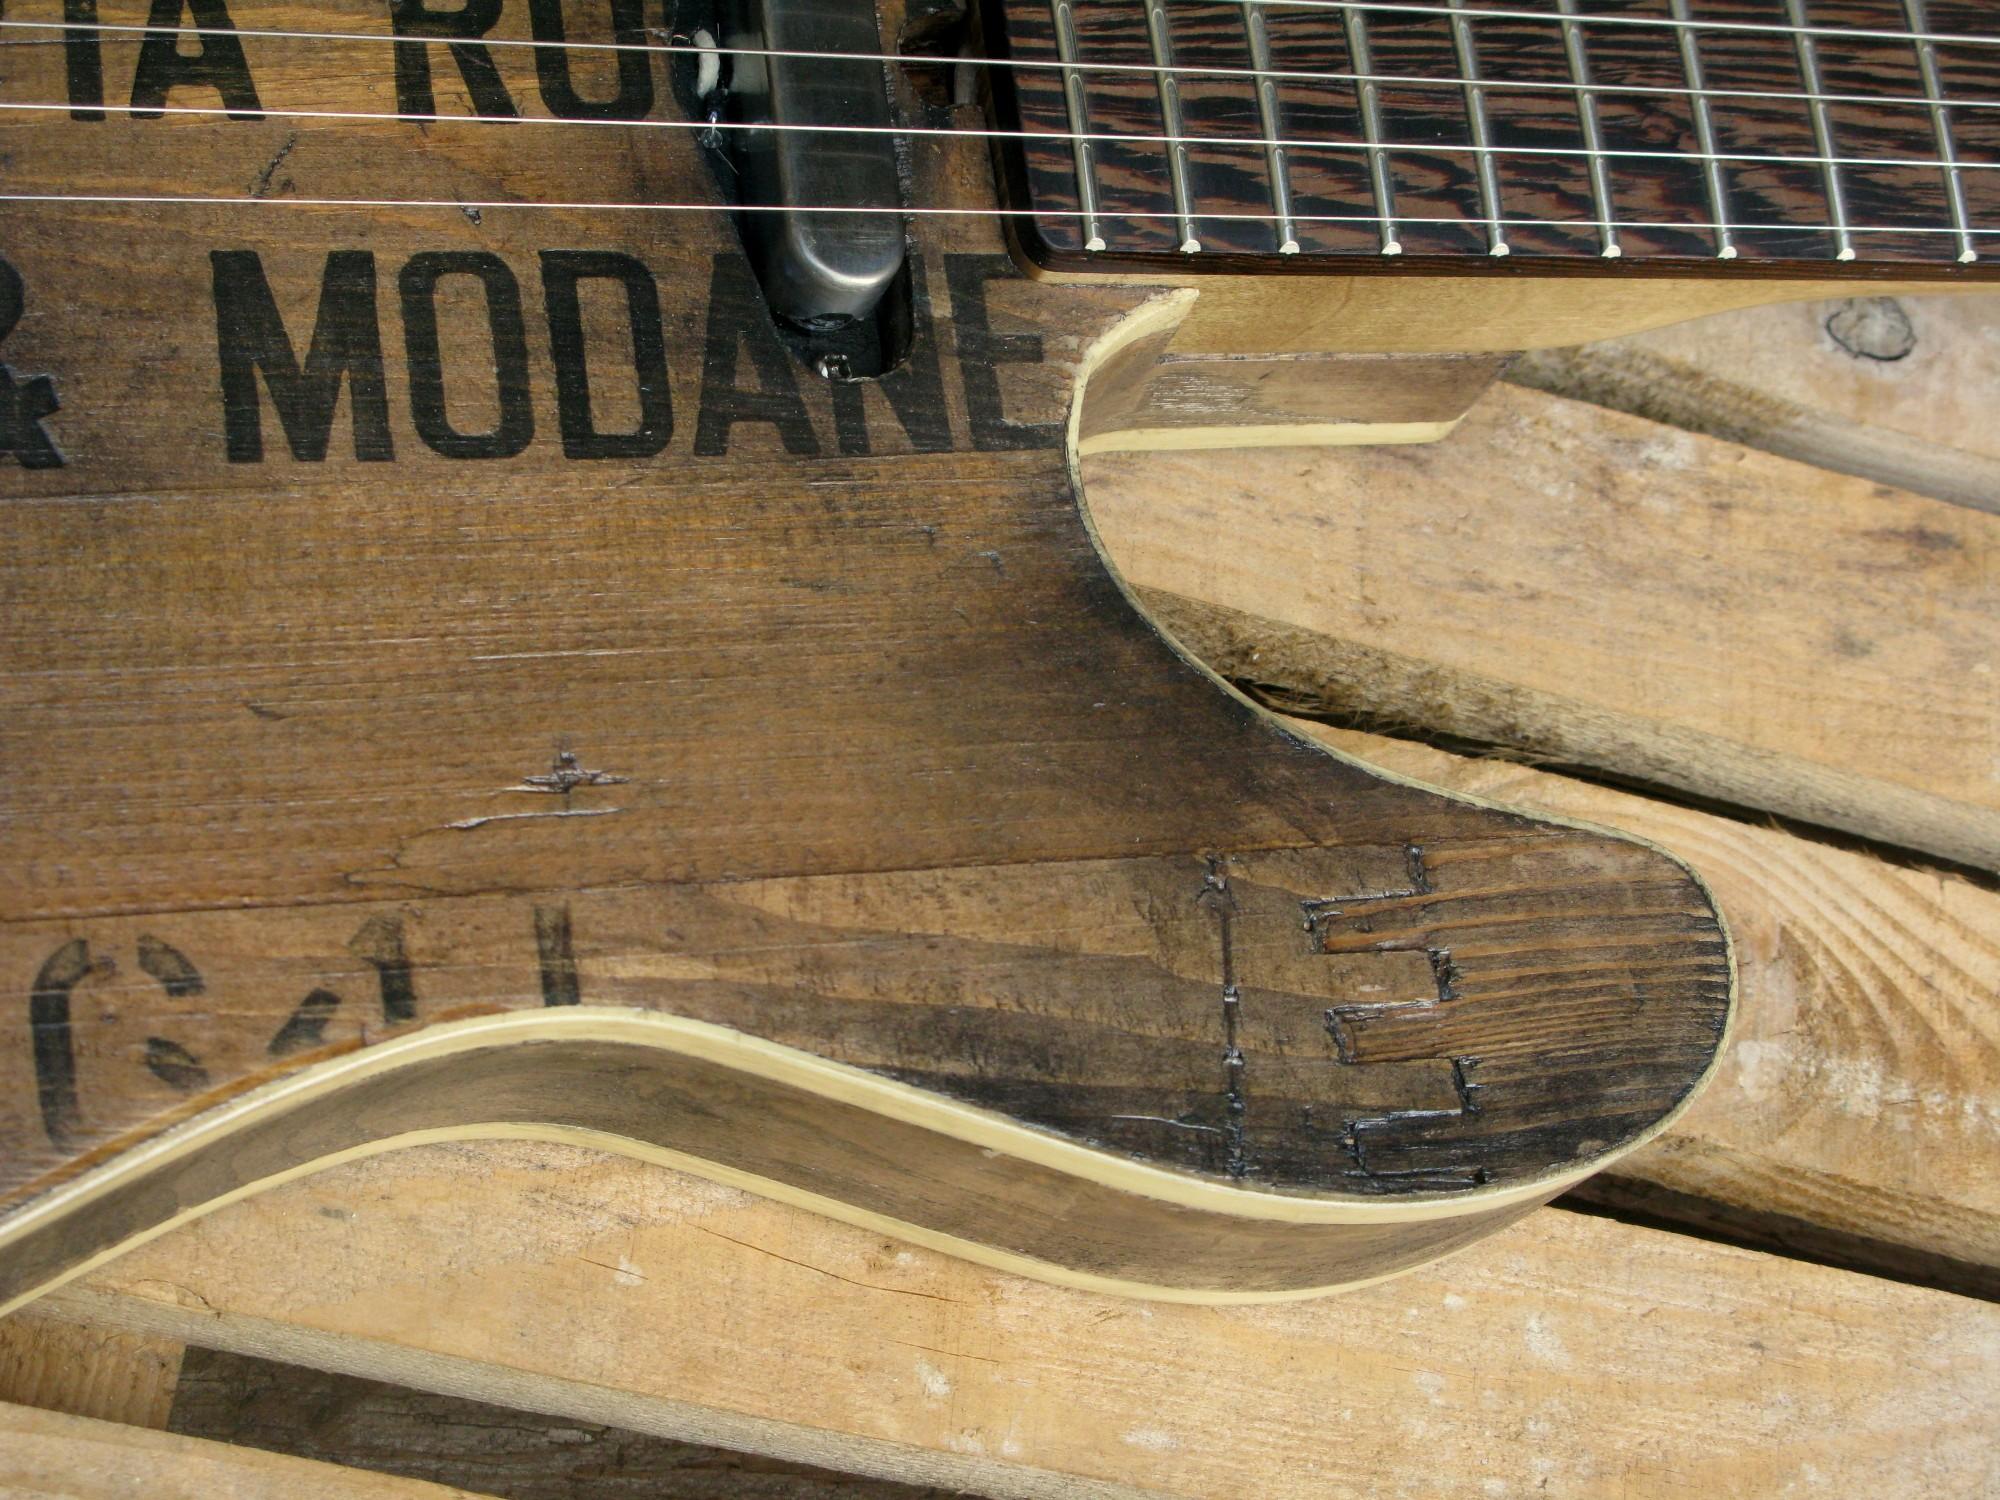 Spalle del body in castagno di una chitarra elettrica baritono modello Telecaster con top ricavato da una vecchia cassetta di polvere da sparo